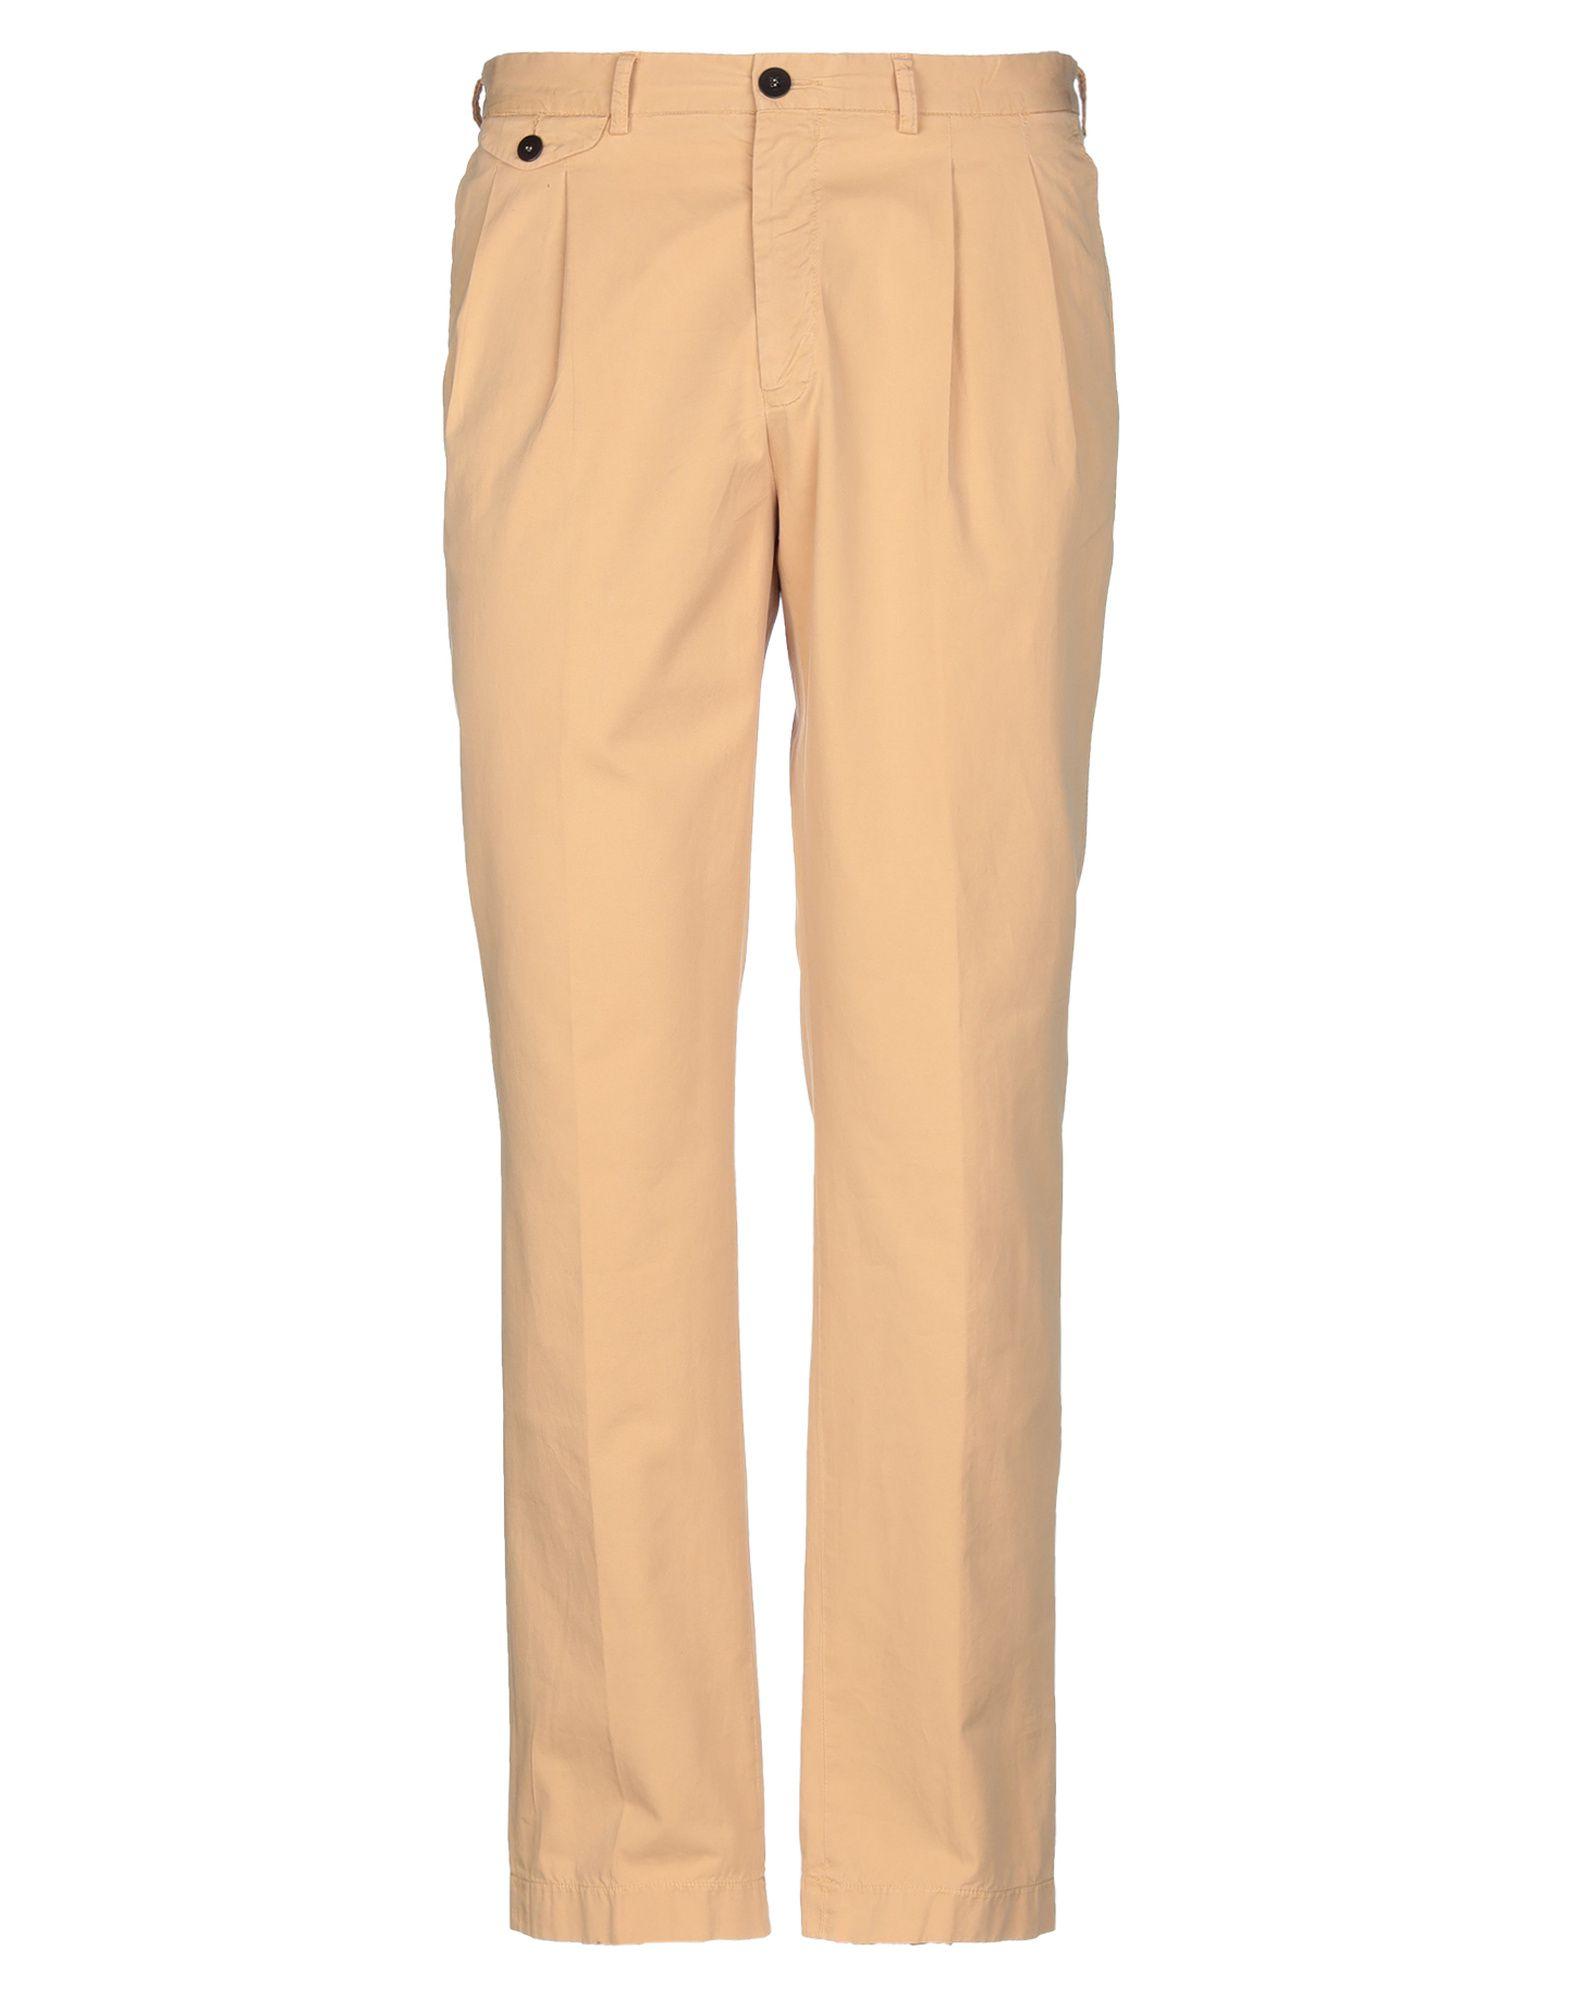 《期間限定セール中》LA PAZ メンズ パンツ サンド L コットン 100%